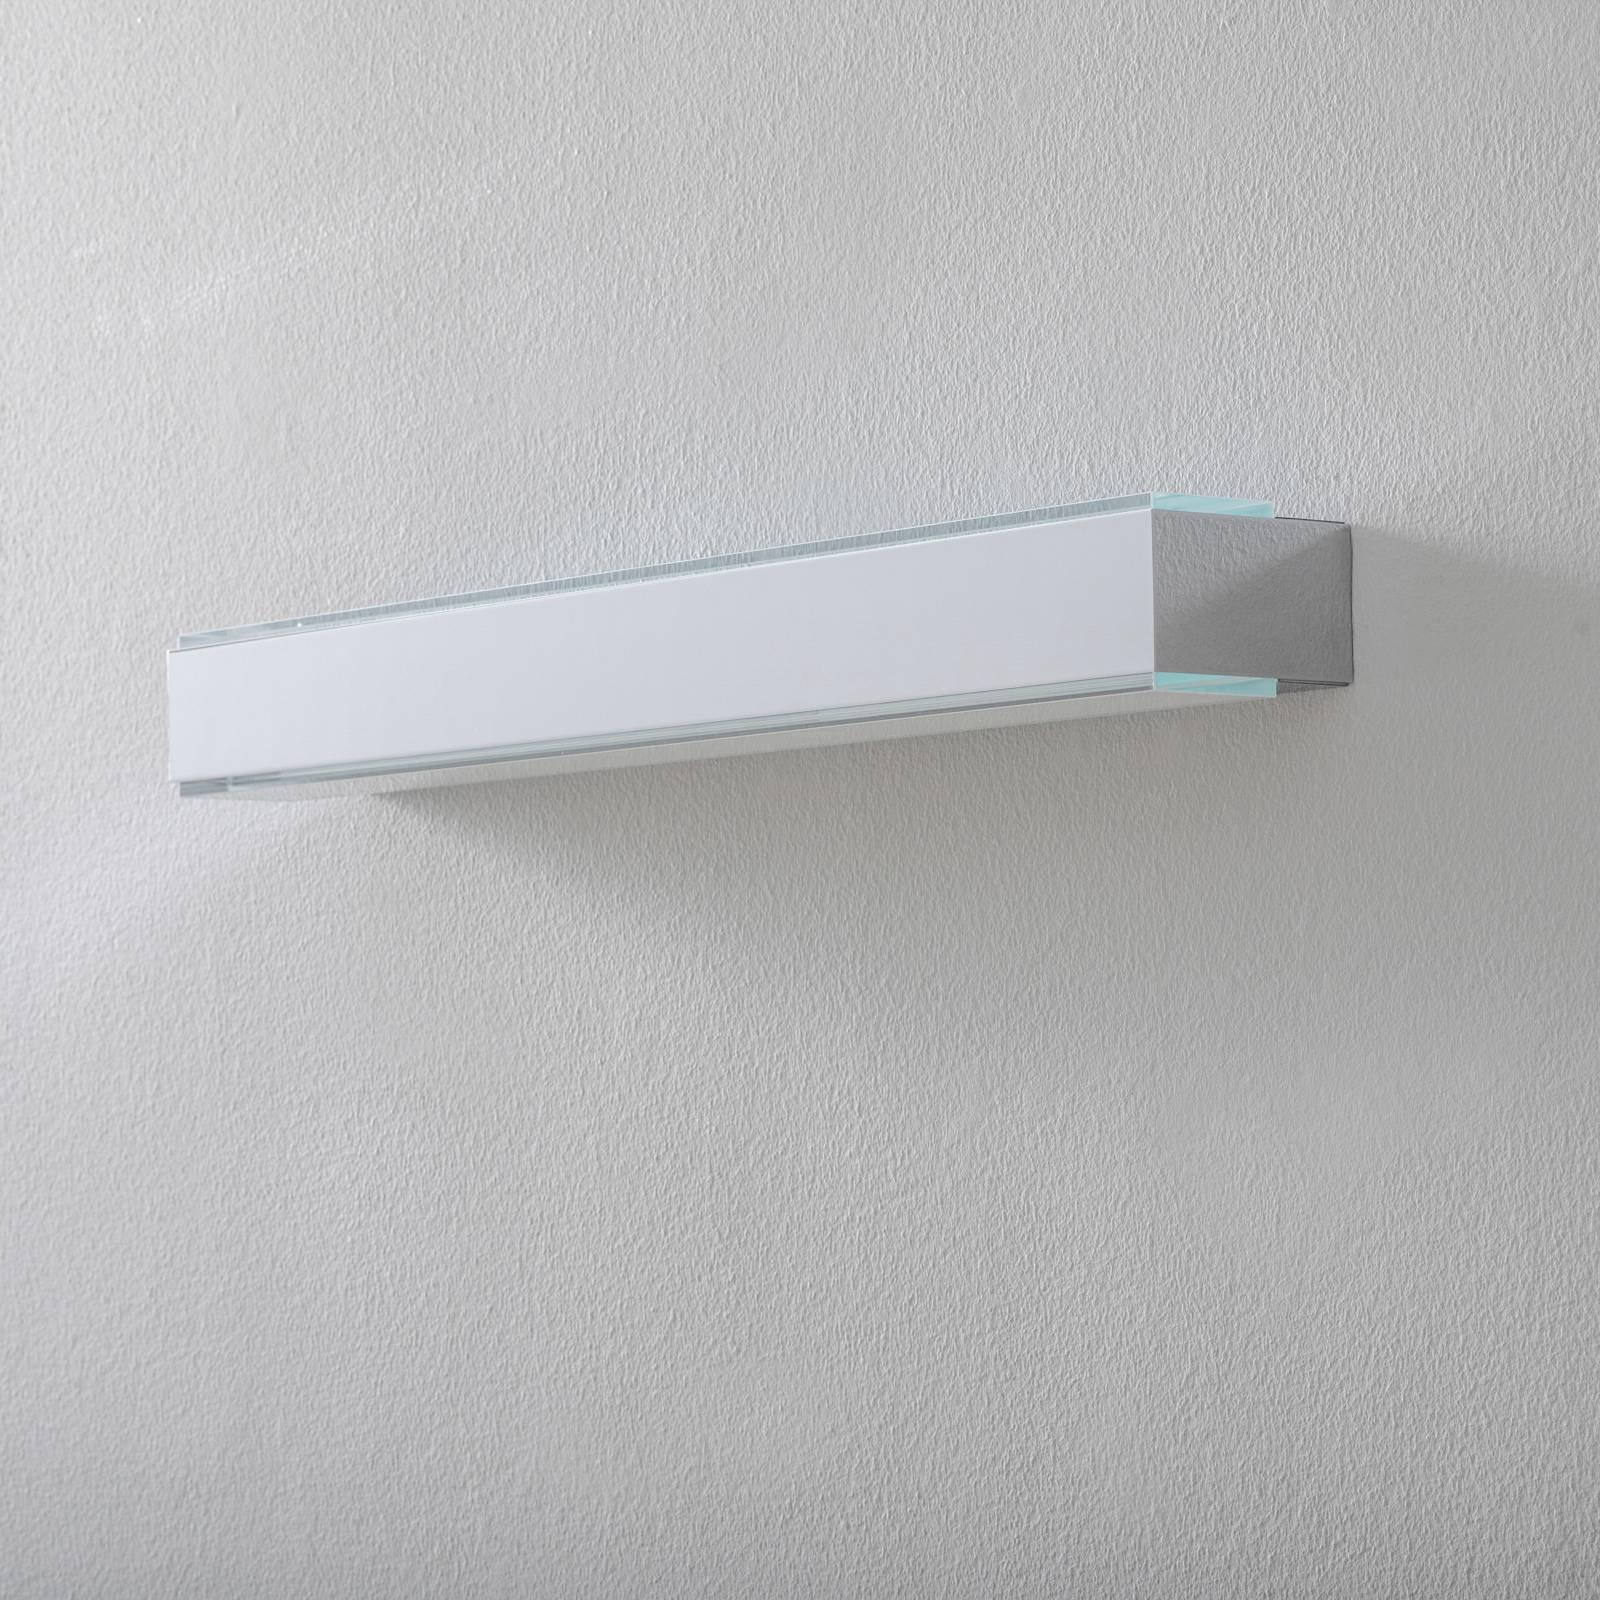 BEGA 78626 LED-vegglampe 3 000 K 60 cm krom